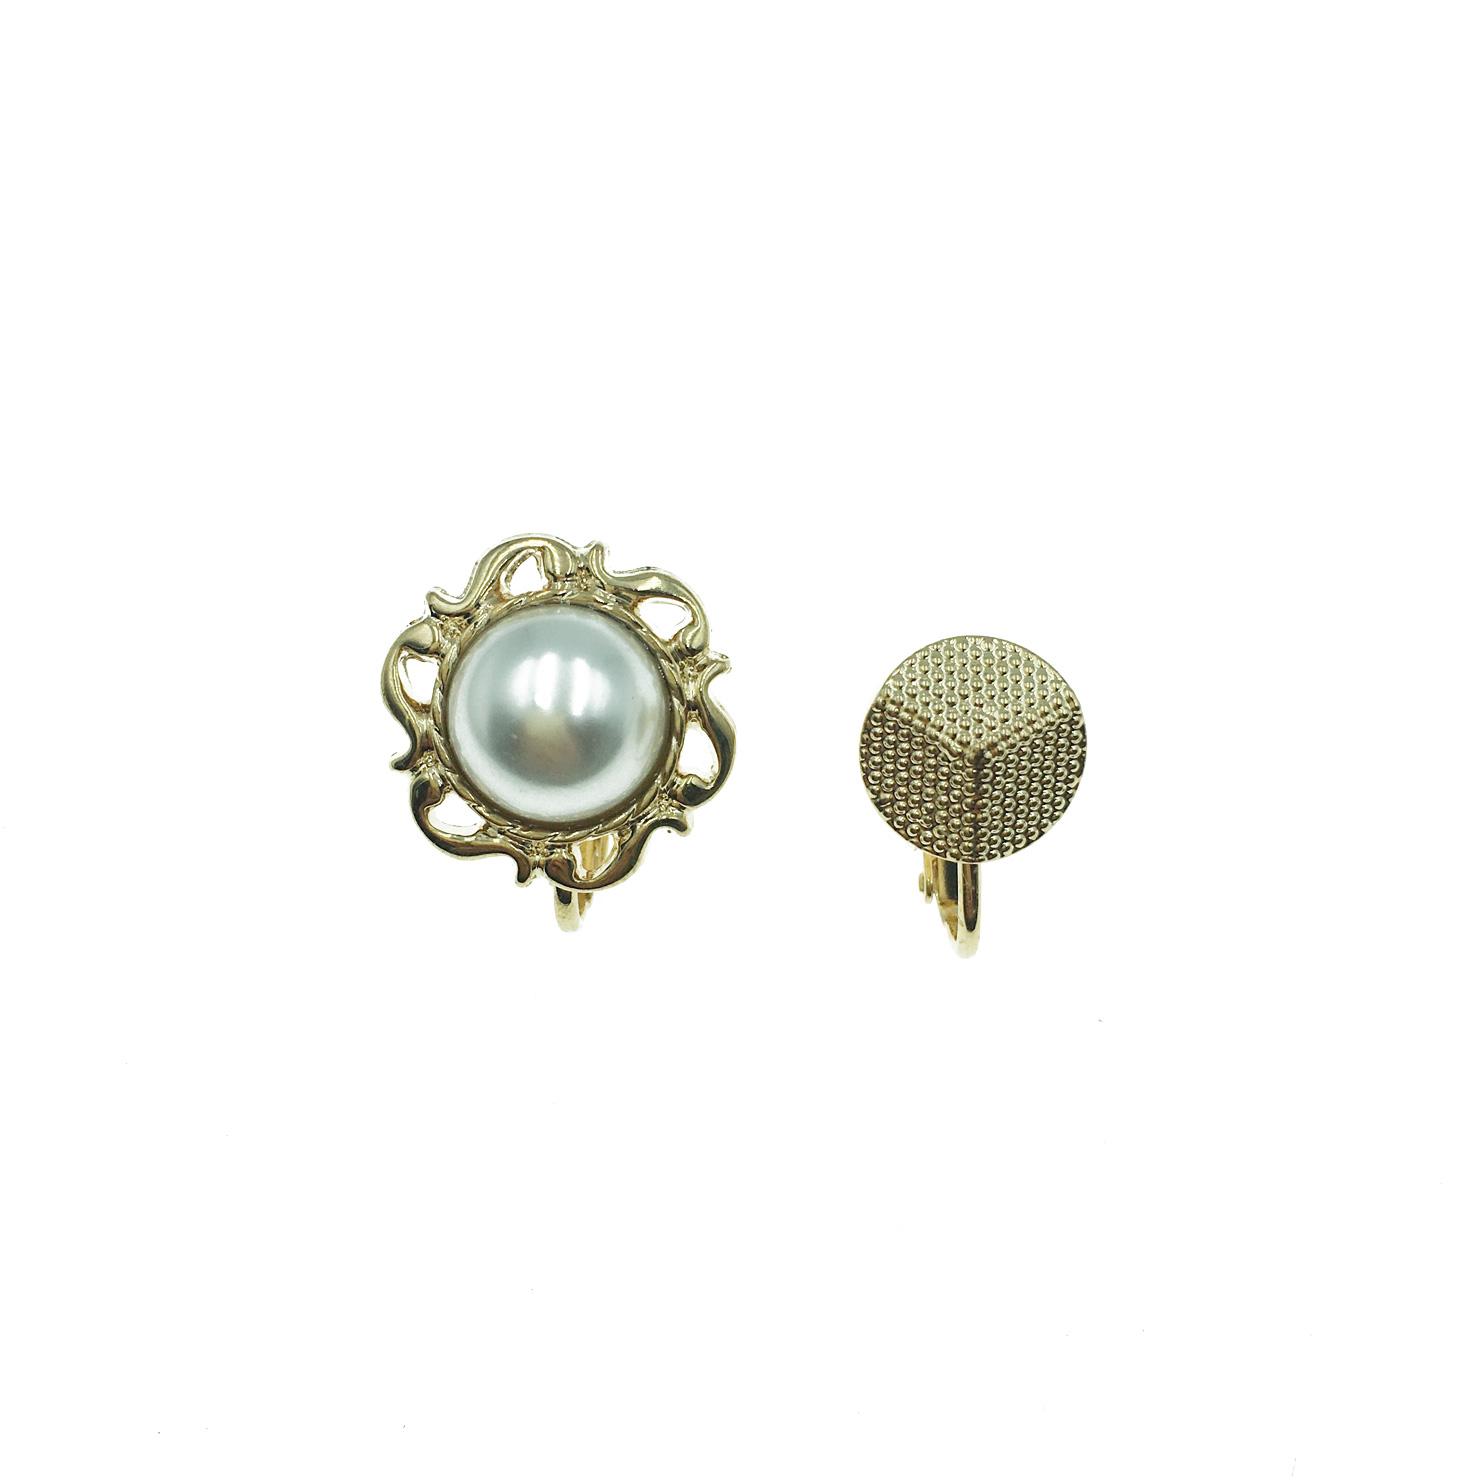 韓國 珍珠 金邊 鈕扣 太陽 不對稱 夾式耳環